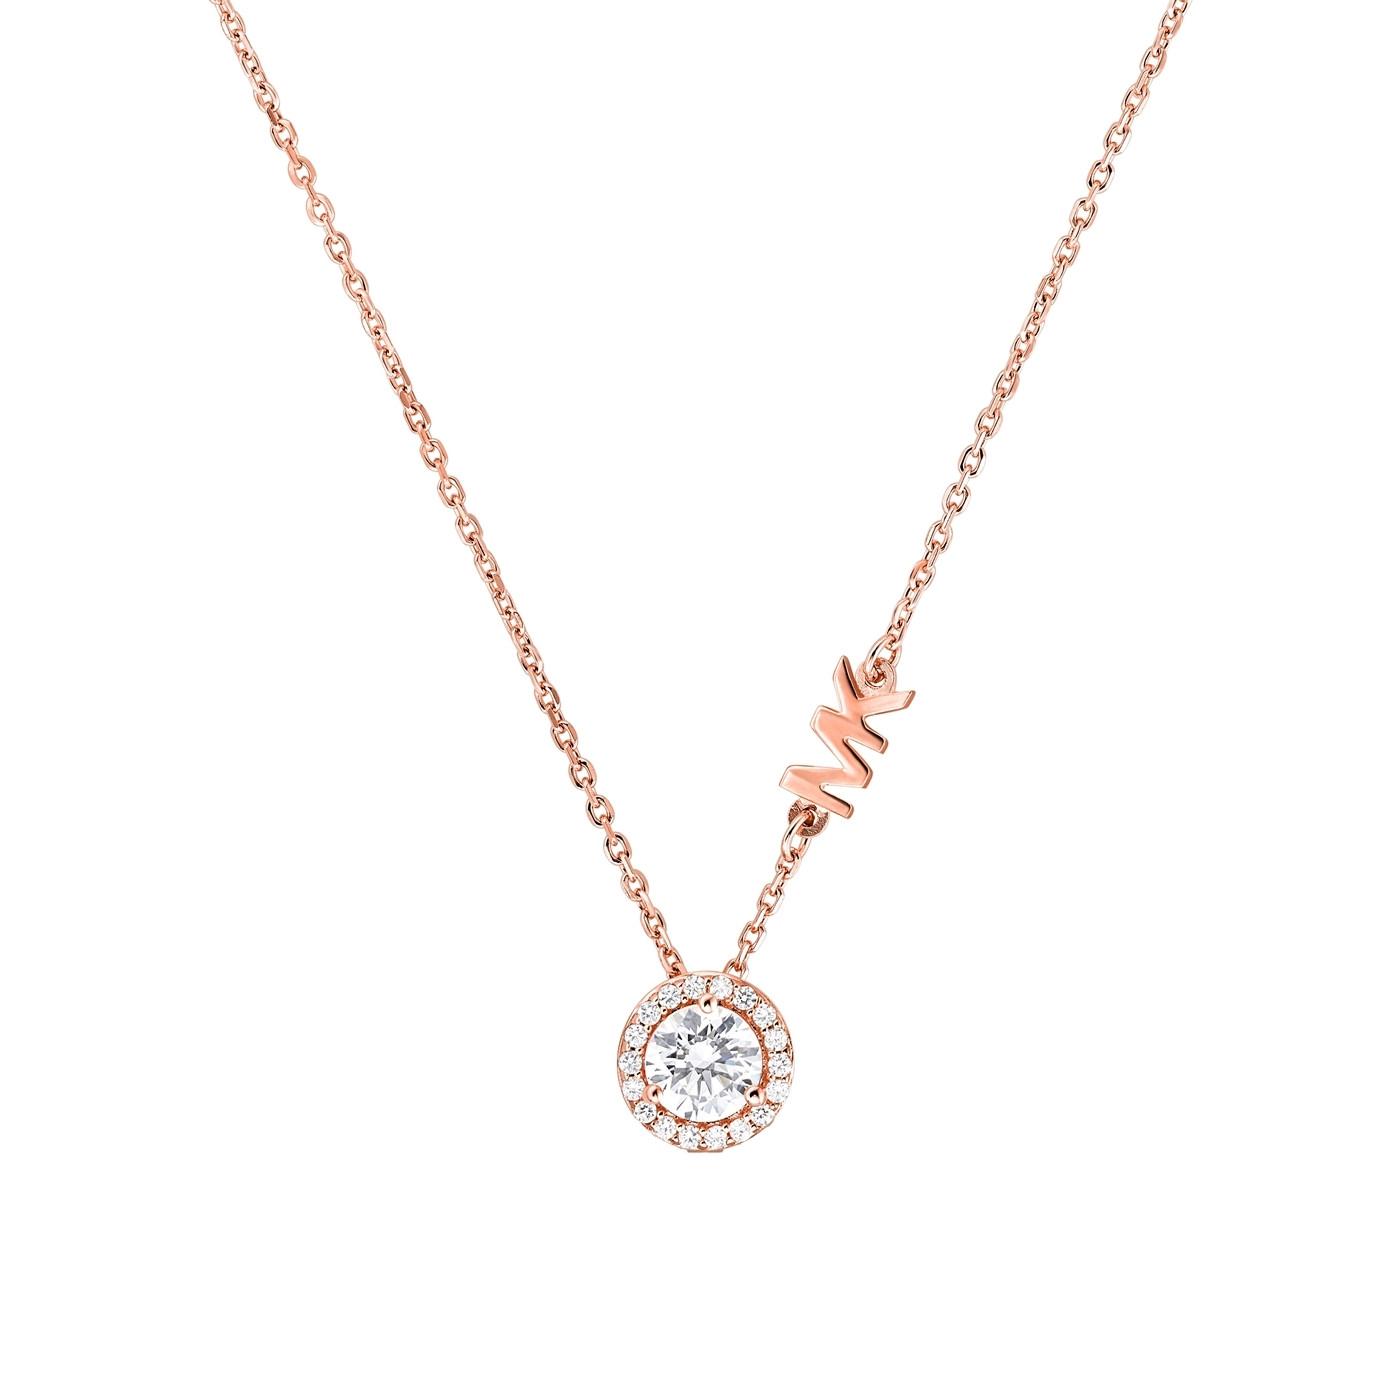 Michael Kors MKC1208AN791 - biżuteria